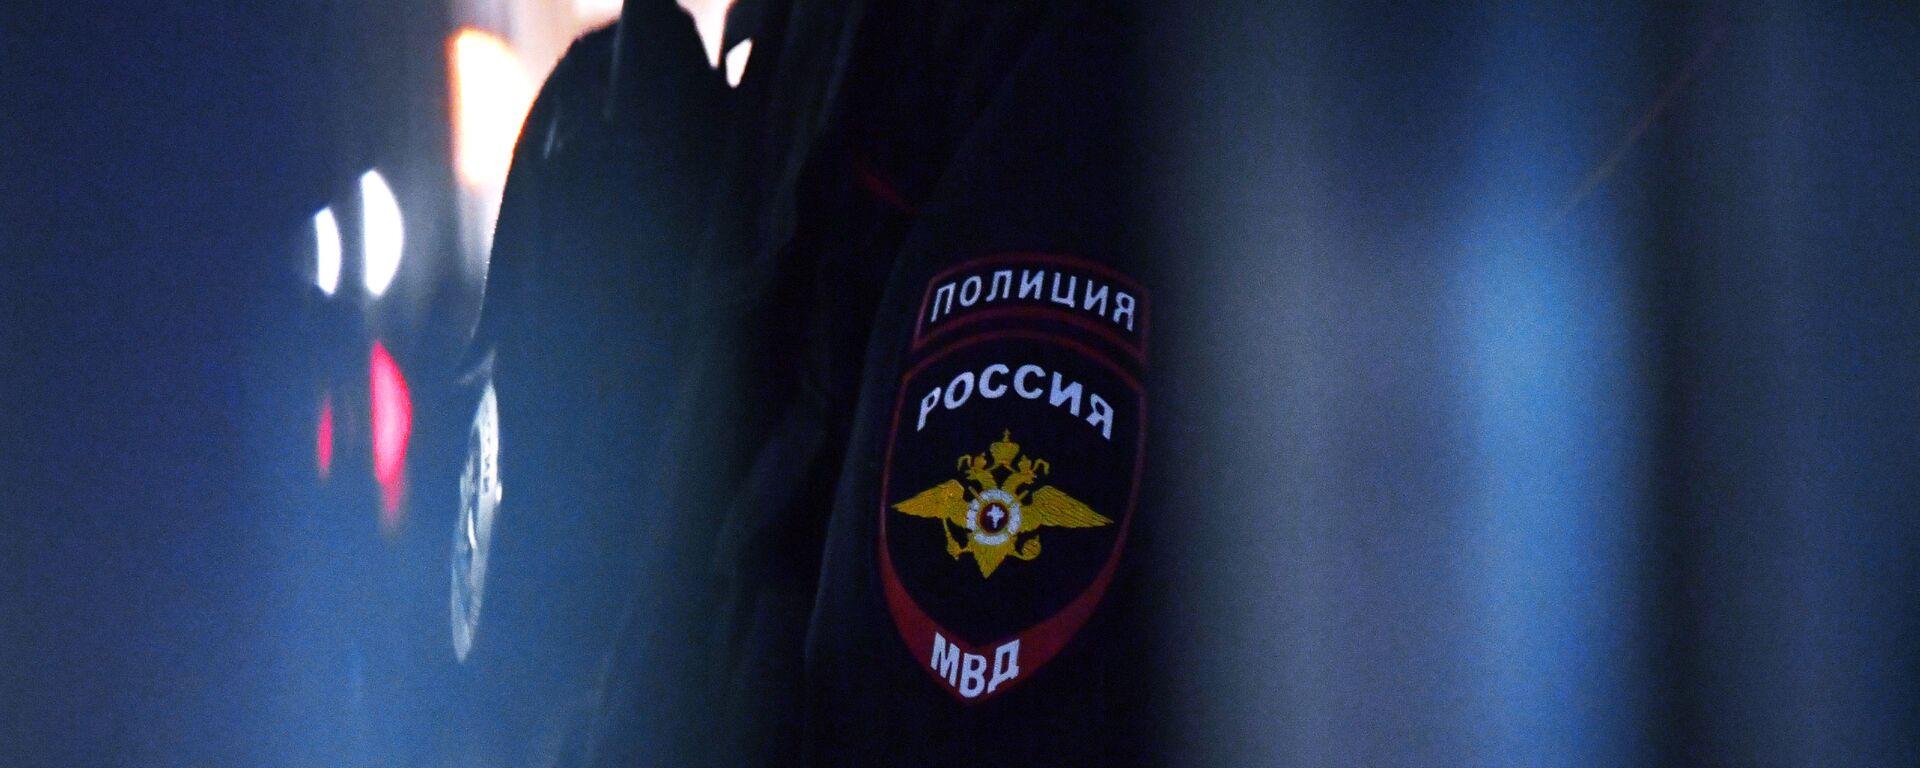 Godło na mundurze pracownika policji - Sputnik Polska, 1920, 20.08.2021